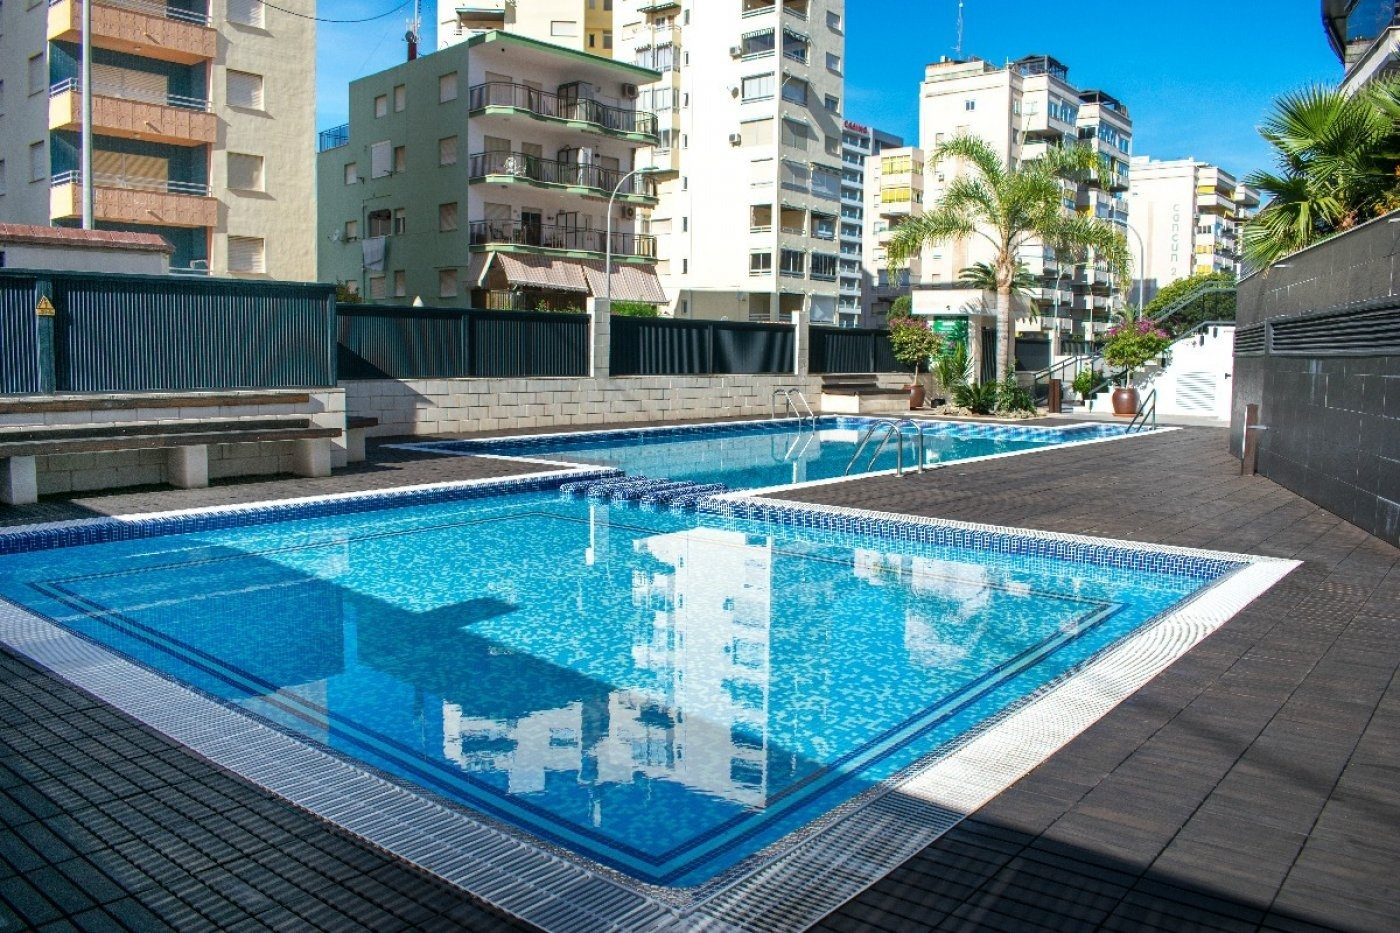 Apartamento en playa de gandia con piscina comunitaria y garaje incluido - imagenInmueble19